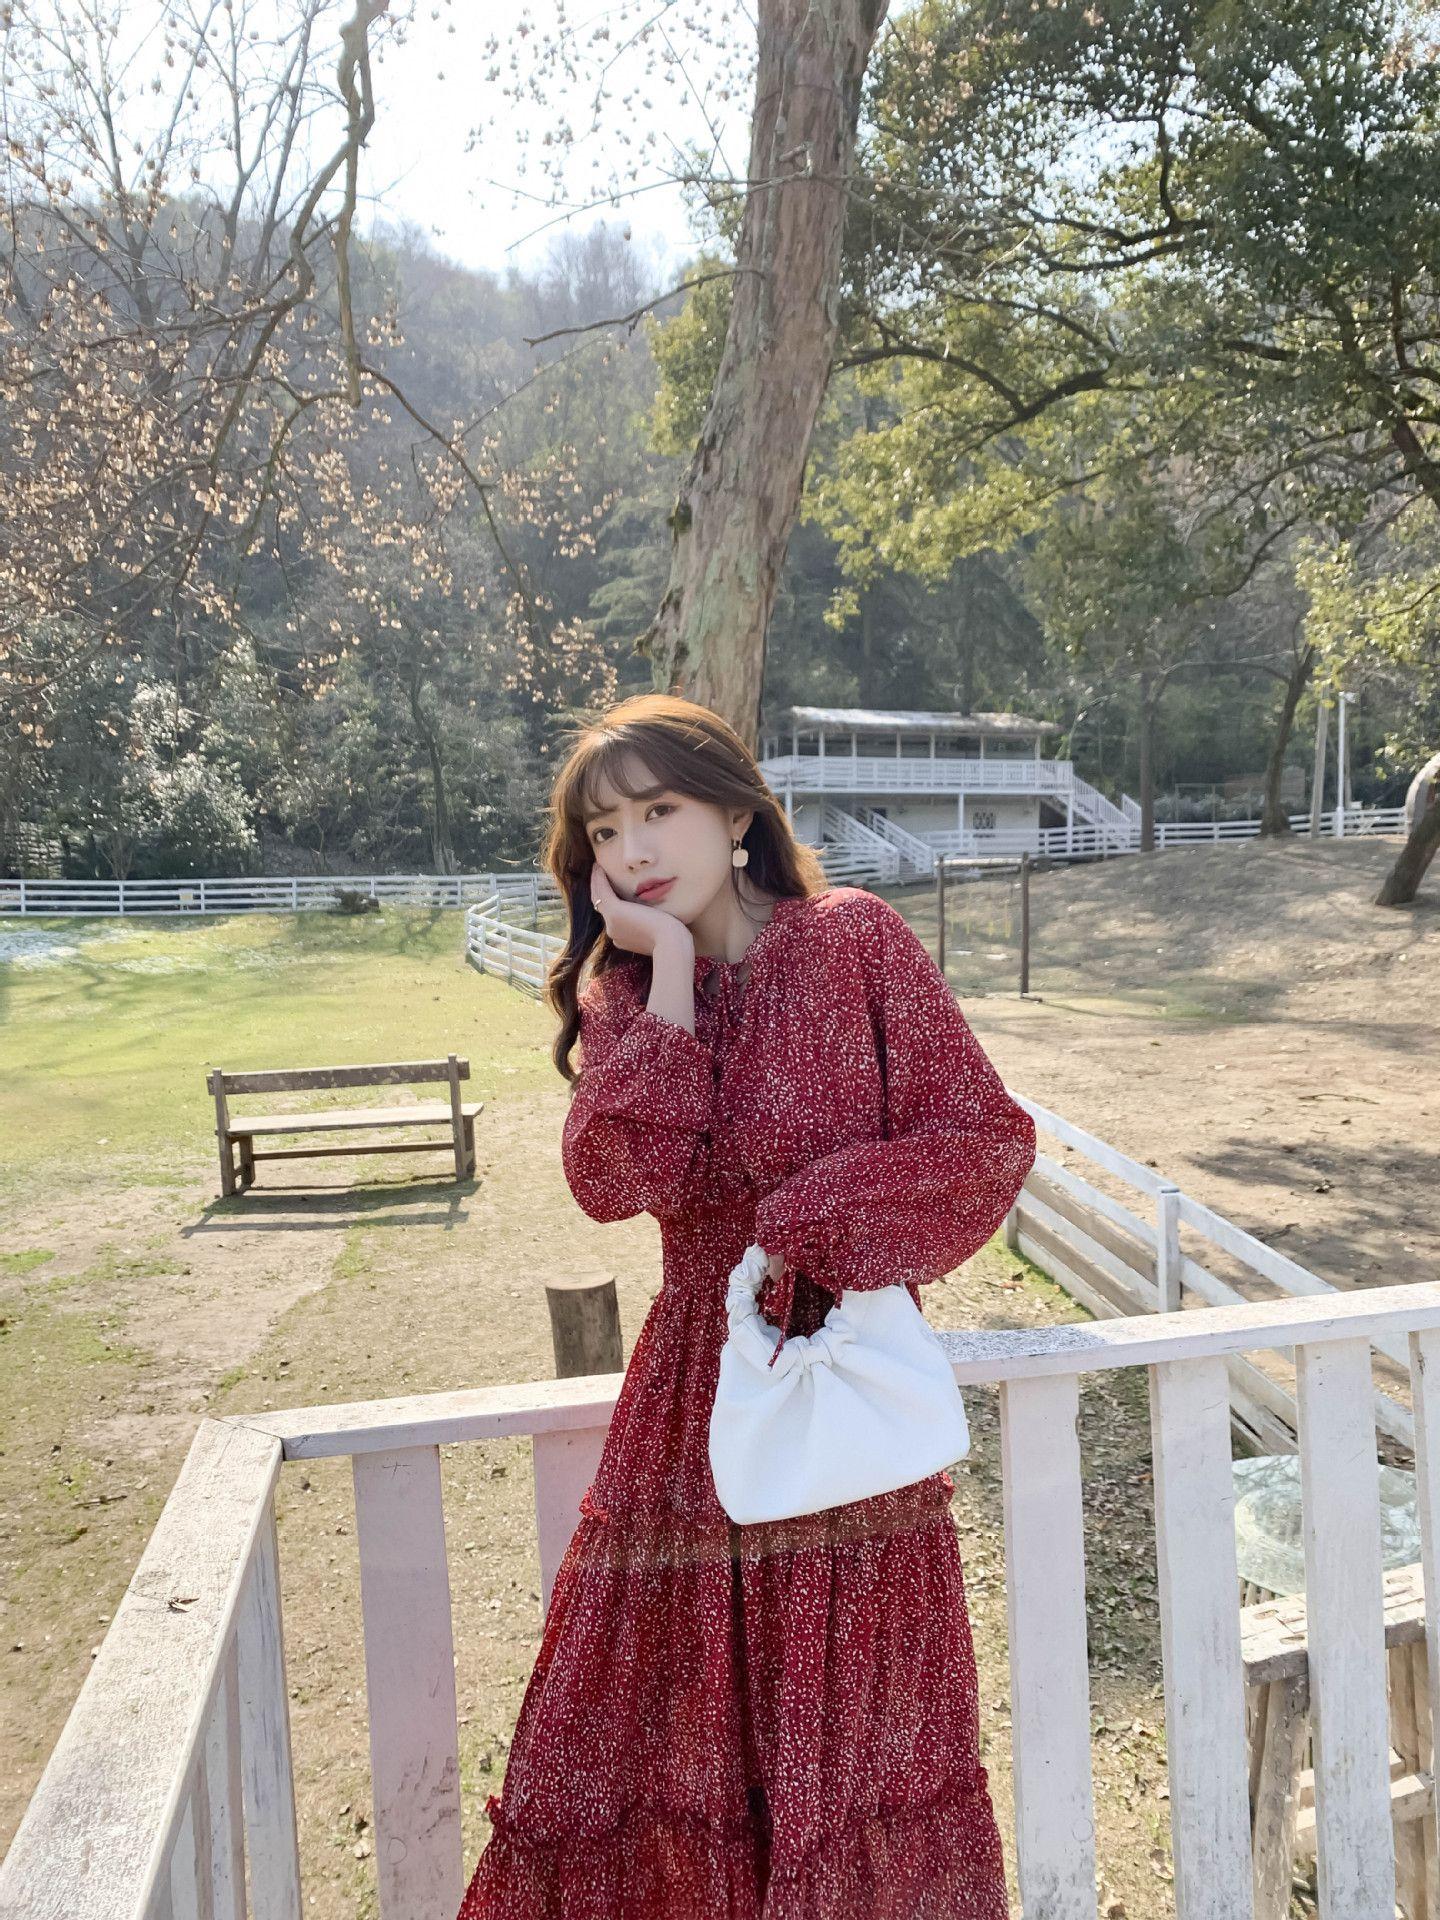 2021 Primavera parágrafo em mulheres vermelhas chiffon vestido novo mulheres apertadas cintura emagrecimento temperamento estilo francês estilo manga longa saia floral